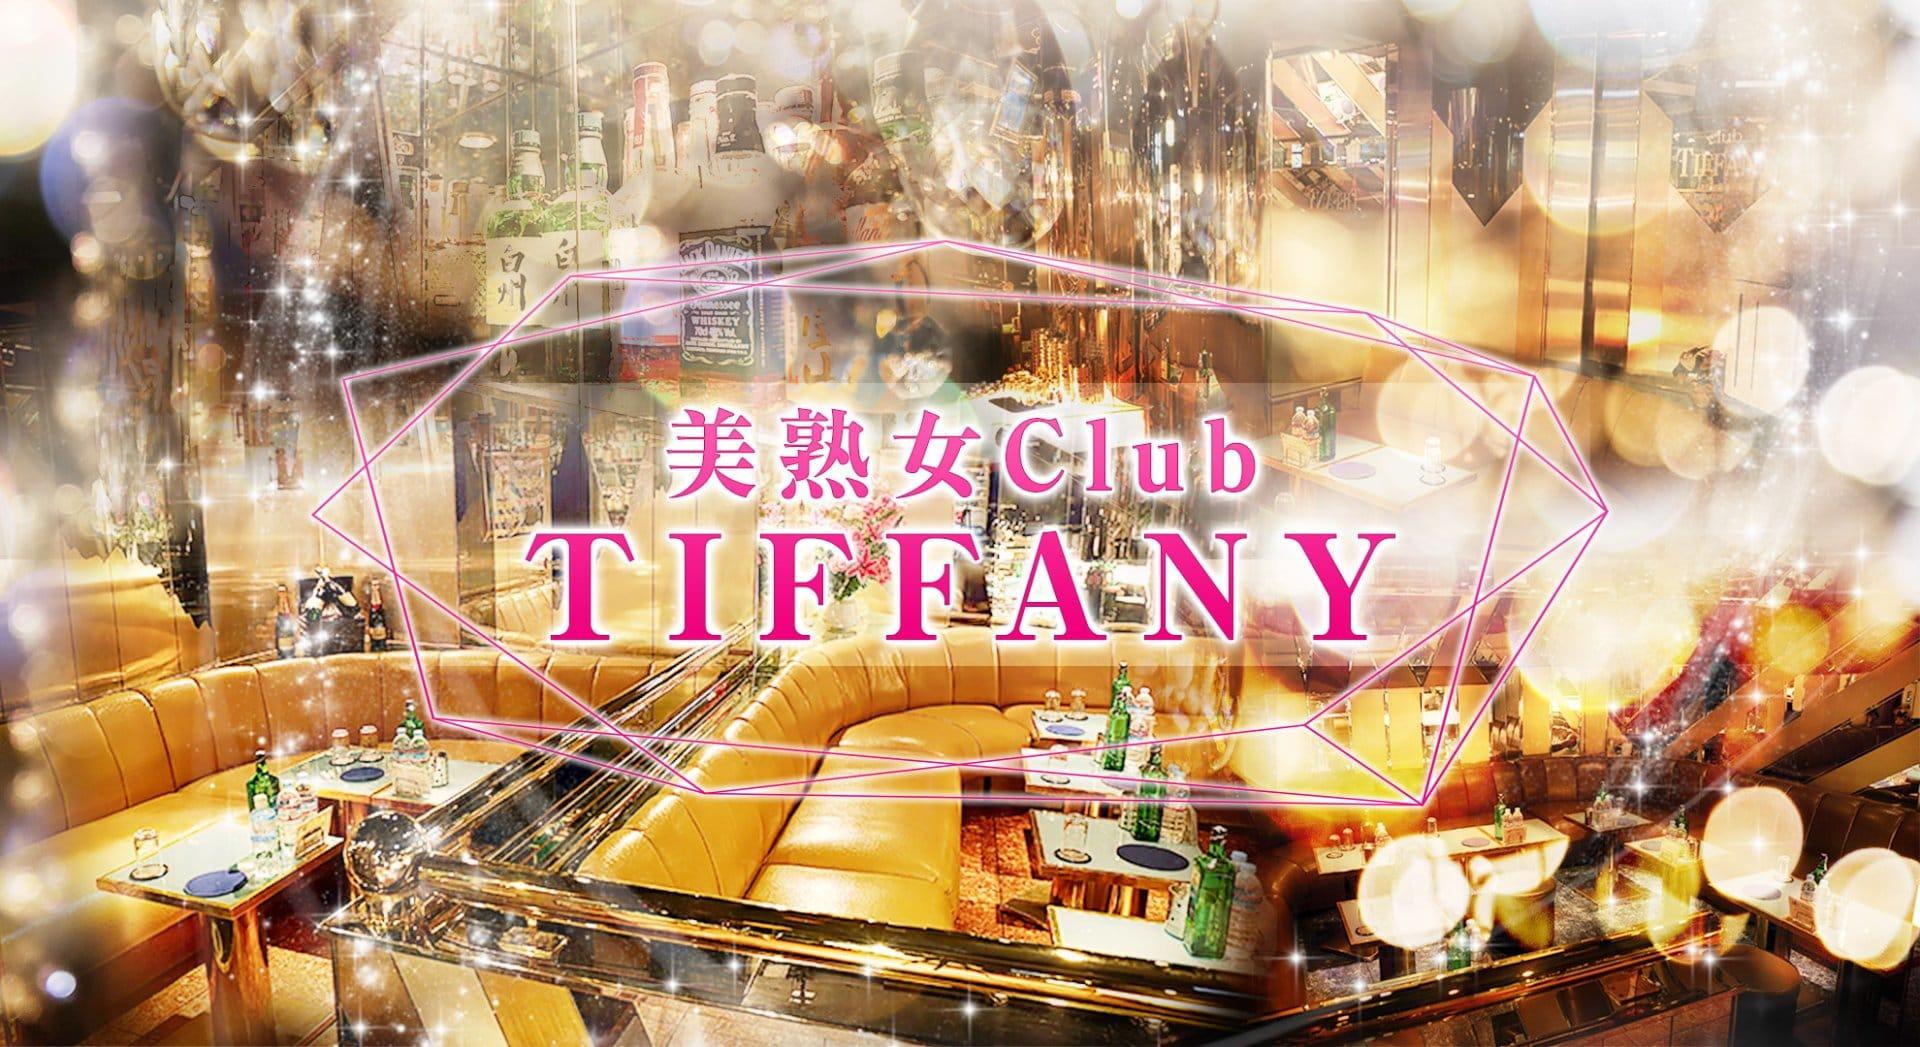 美熟女Club TIFFANY(ティファニー) 赤羽熟女キャバクラ TOP画像